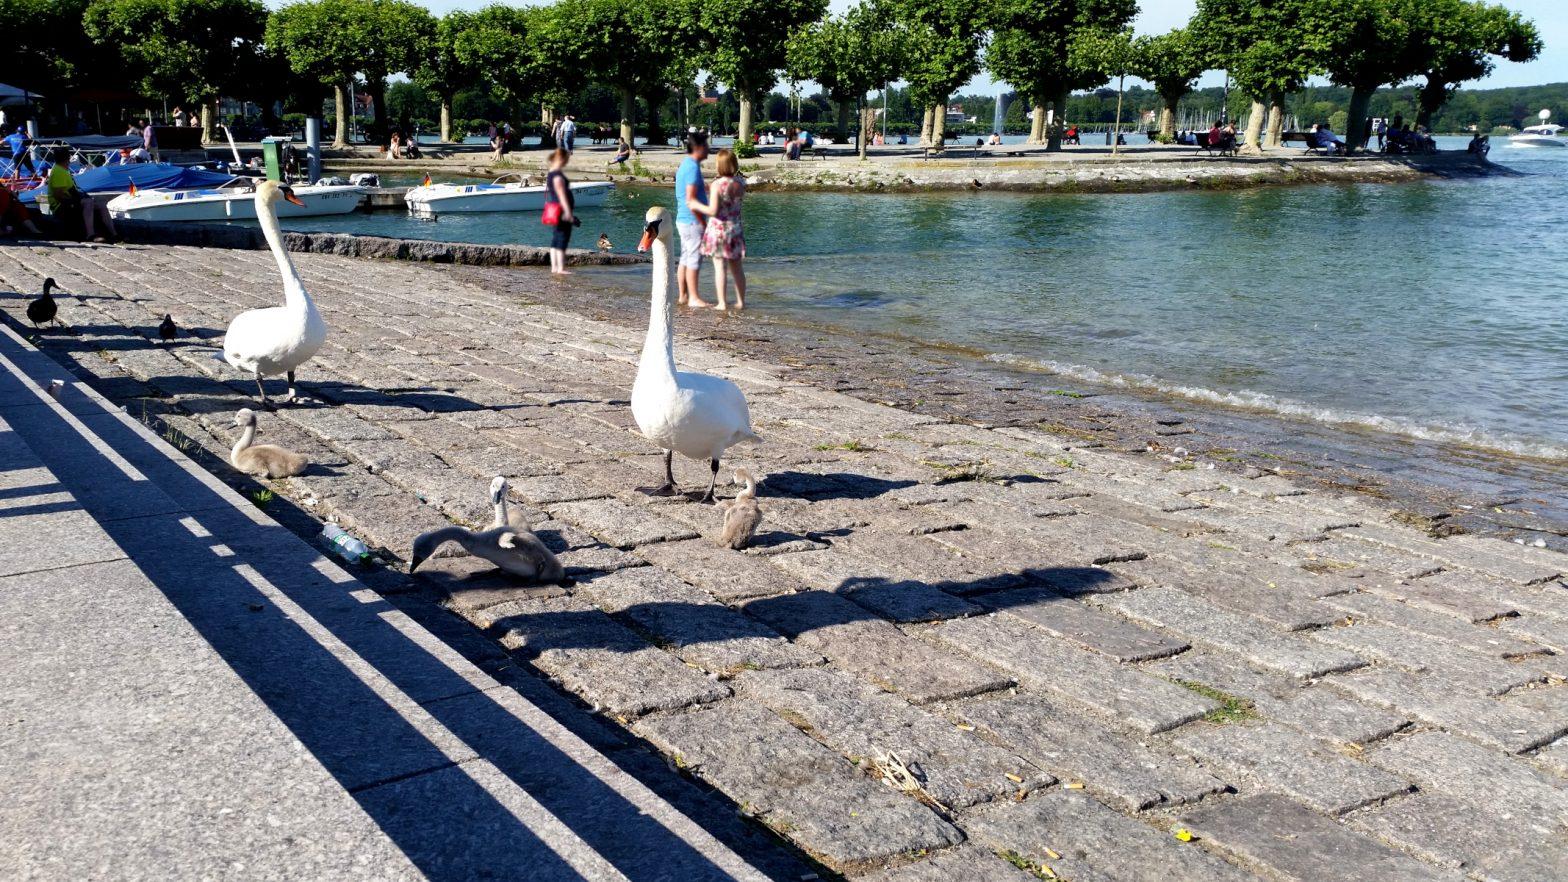 Schwanenfamilie - See - Konstanz - Schwäne mit Jungen auf utele.eu